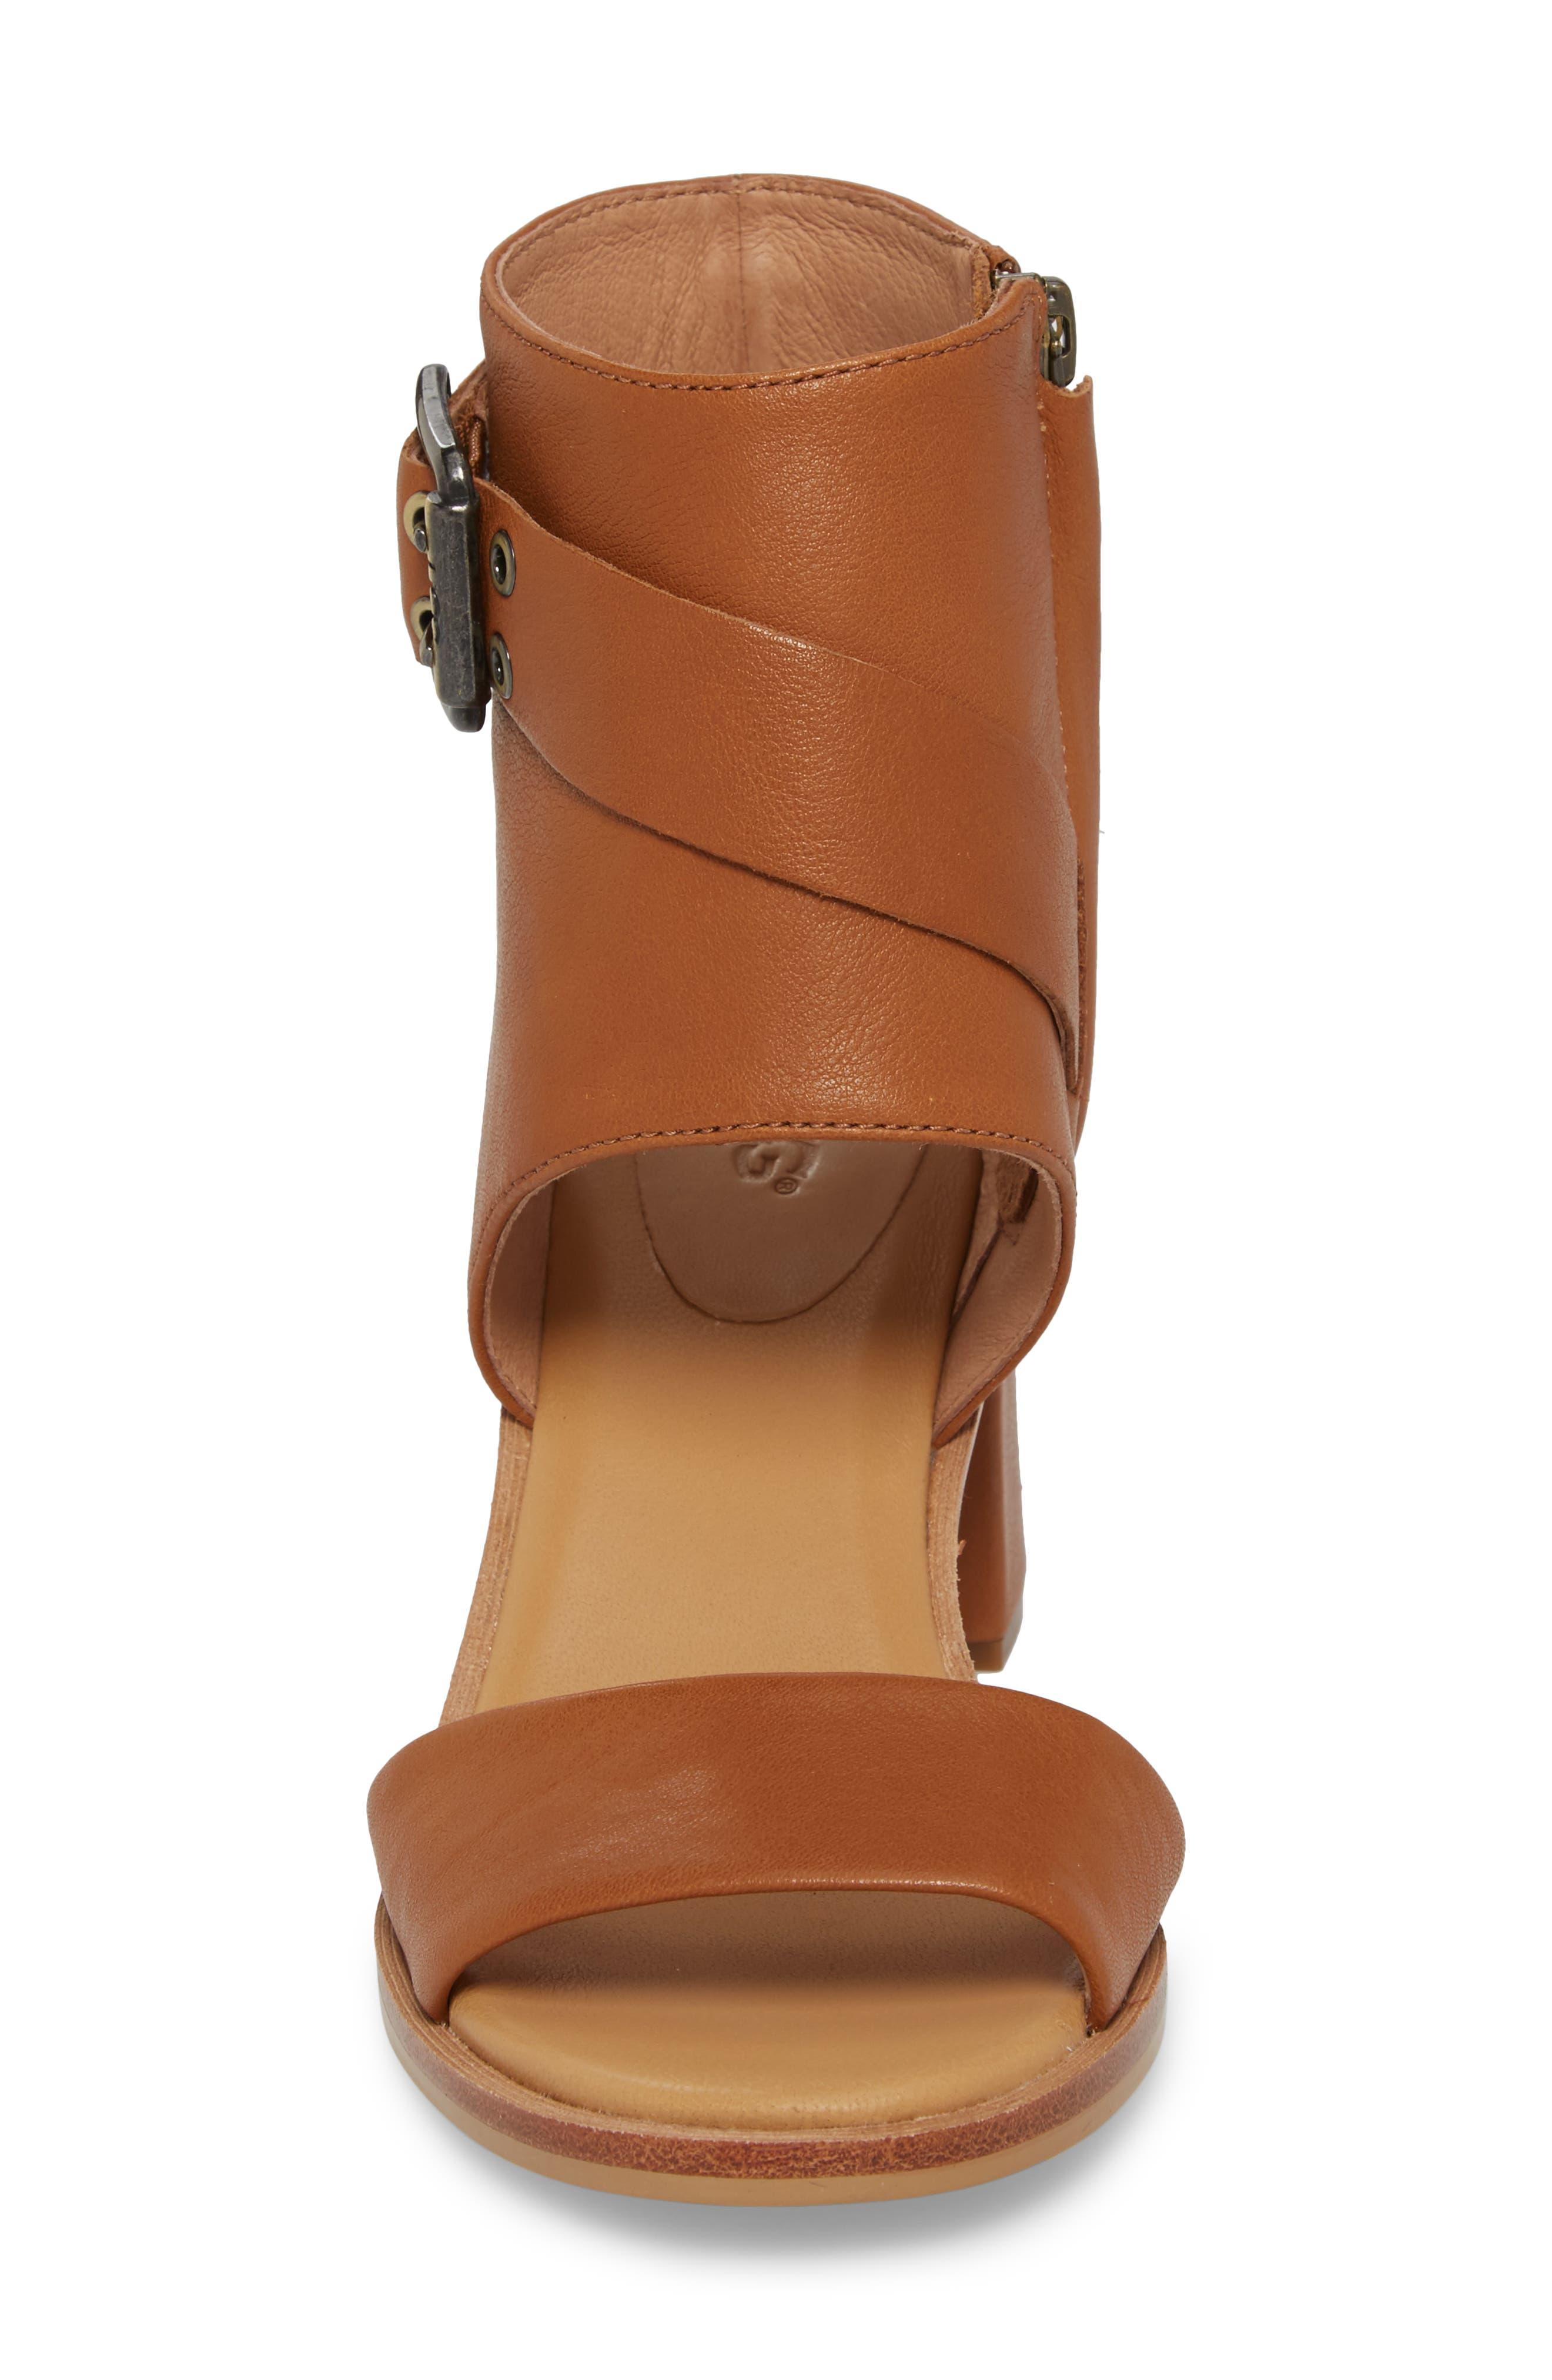 Claudette Cuff Sandal,                             Alternate thumbnail 4, color,                             Almond Leather